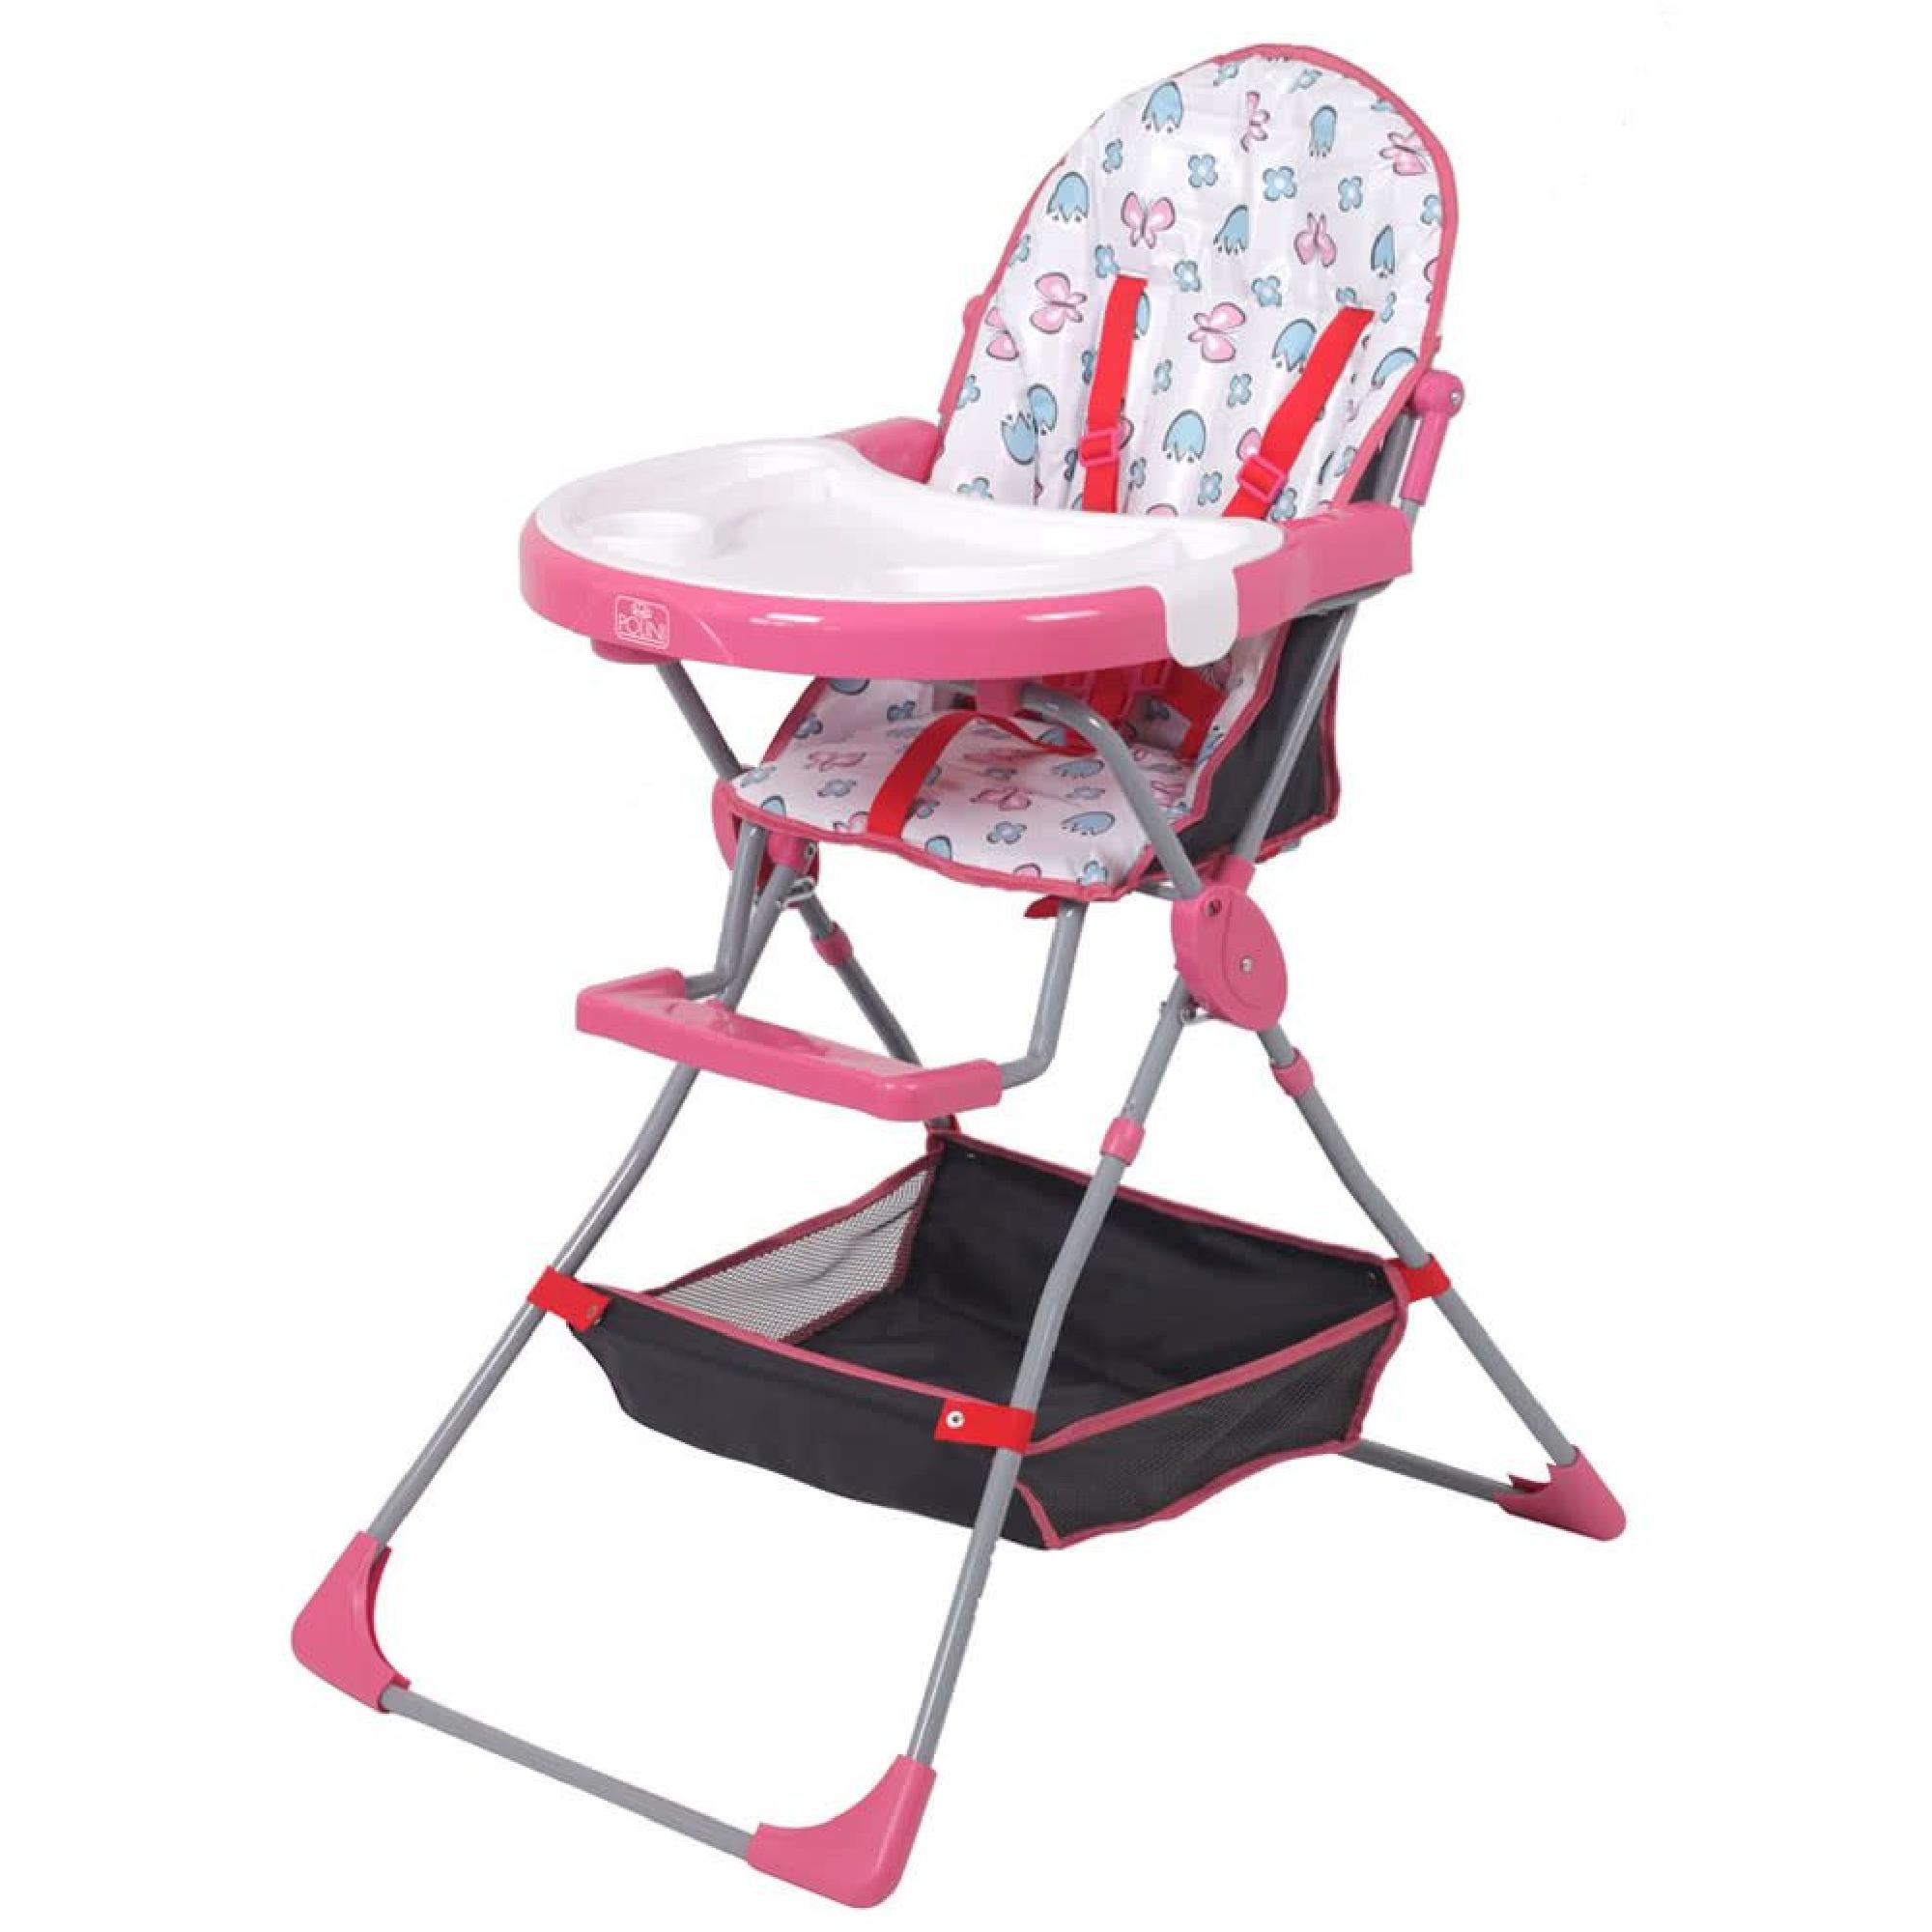 Kudl Kids Highchair with Storage Basket 252 - Pink  sc 1 st  Smart Kid Store & Kudl Kids Highchair with Storage Basket 252 - Pink - Smart Kid Store